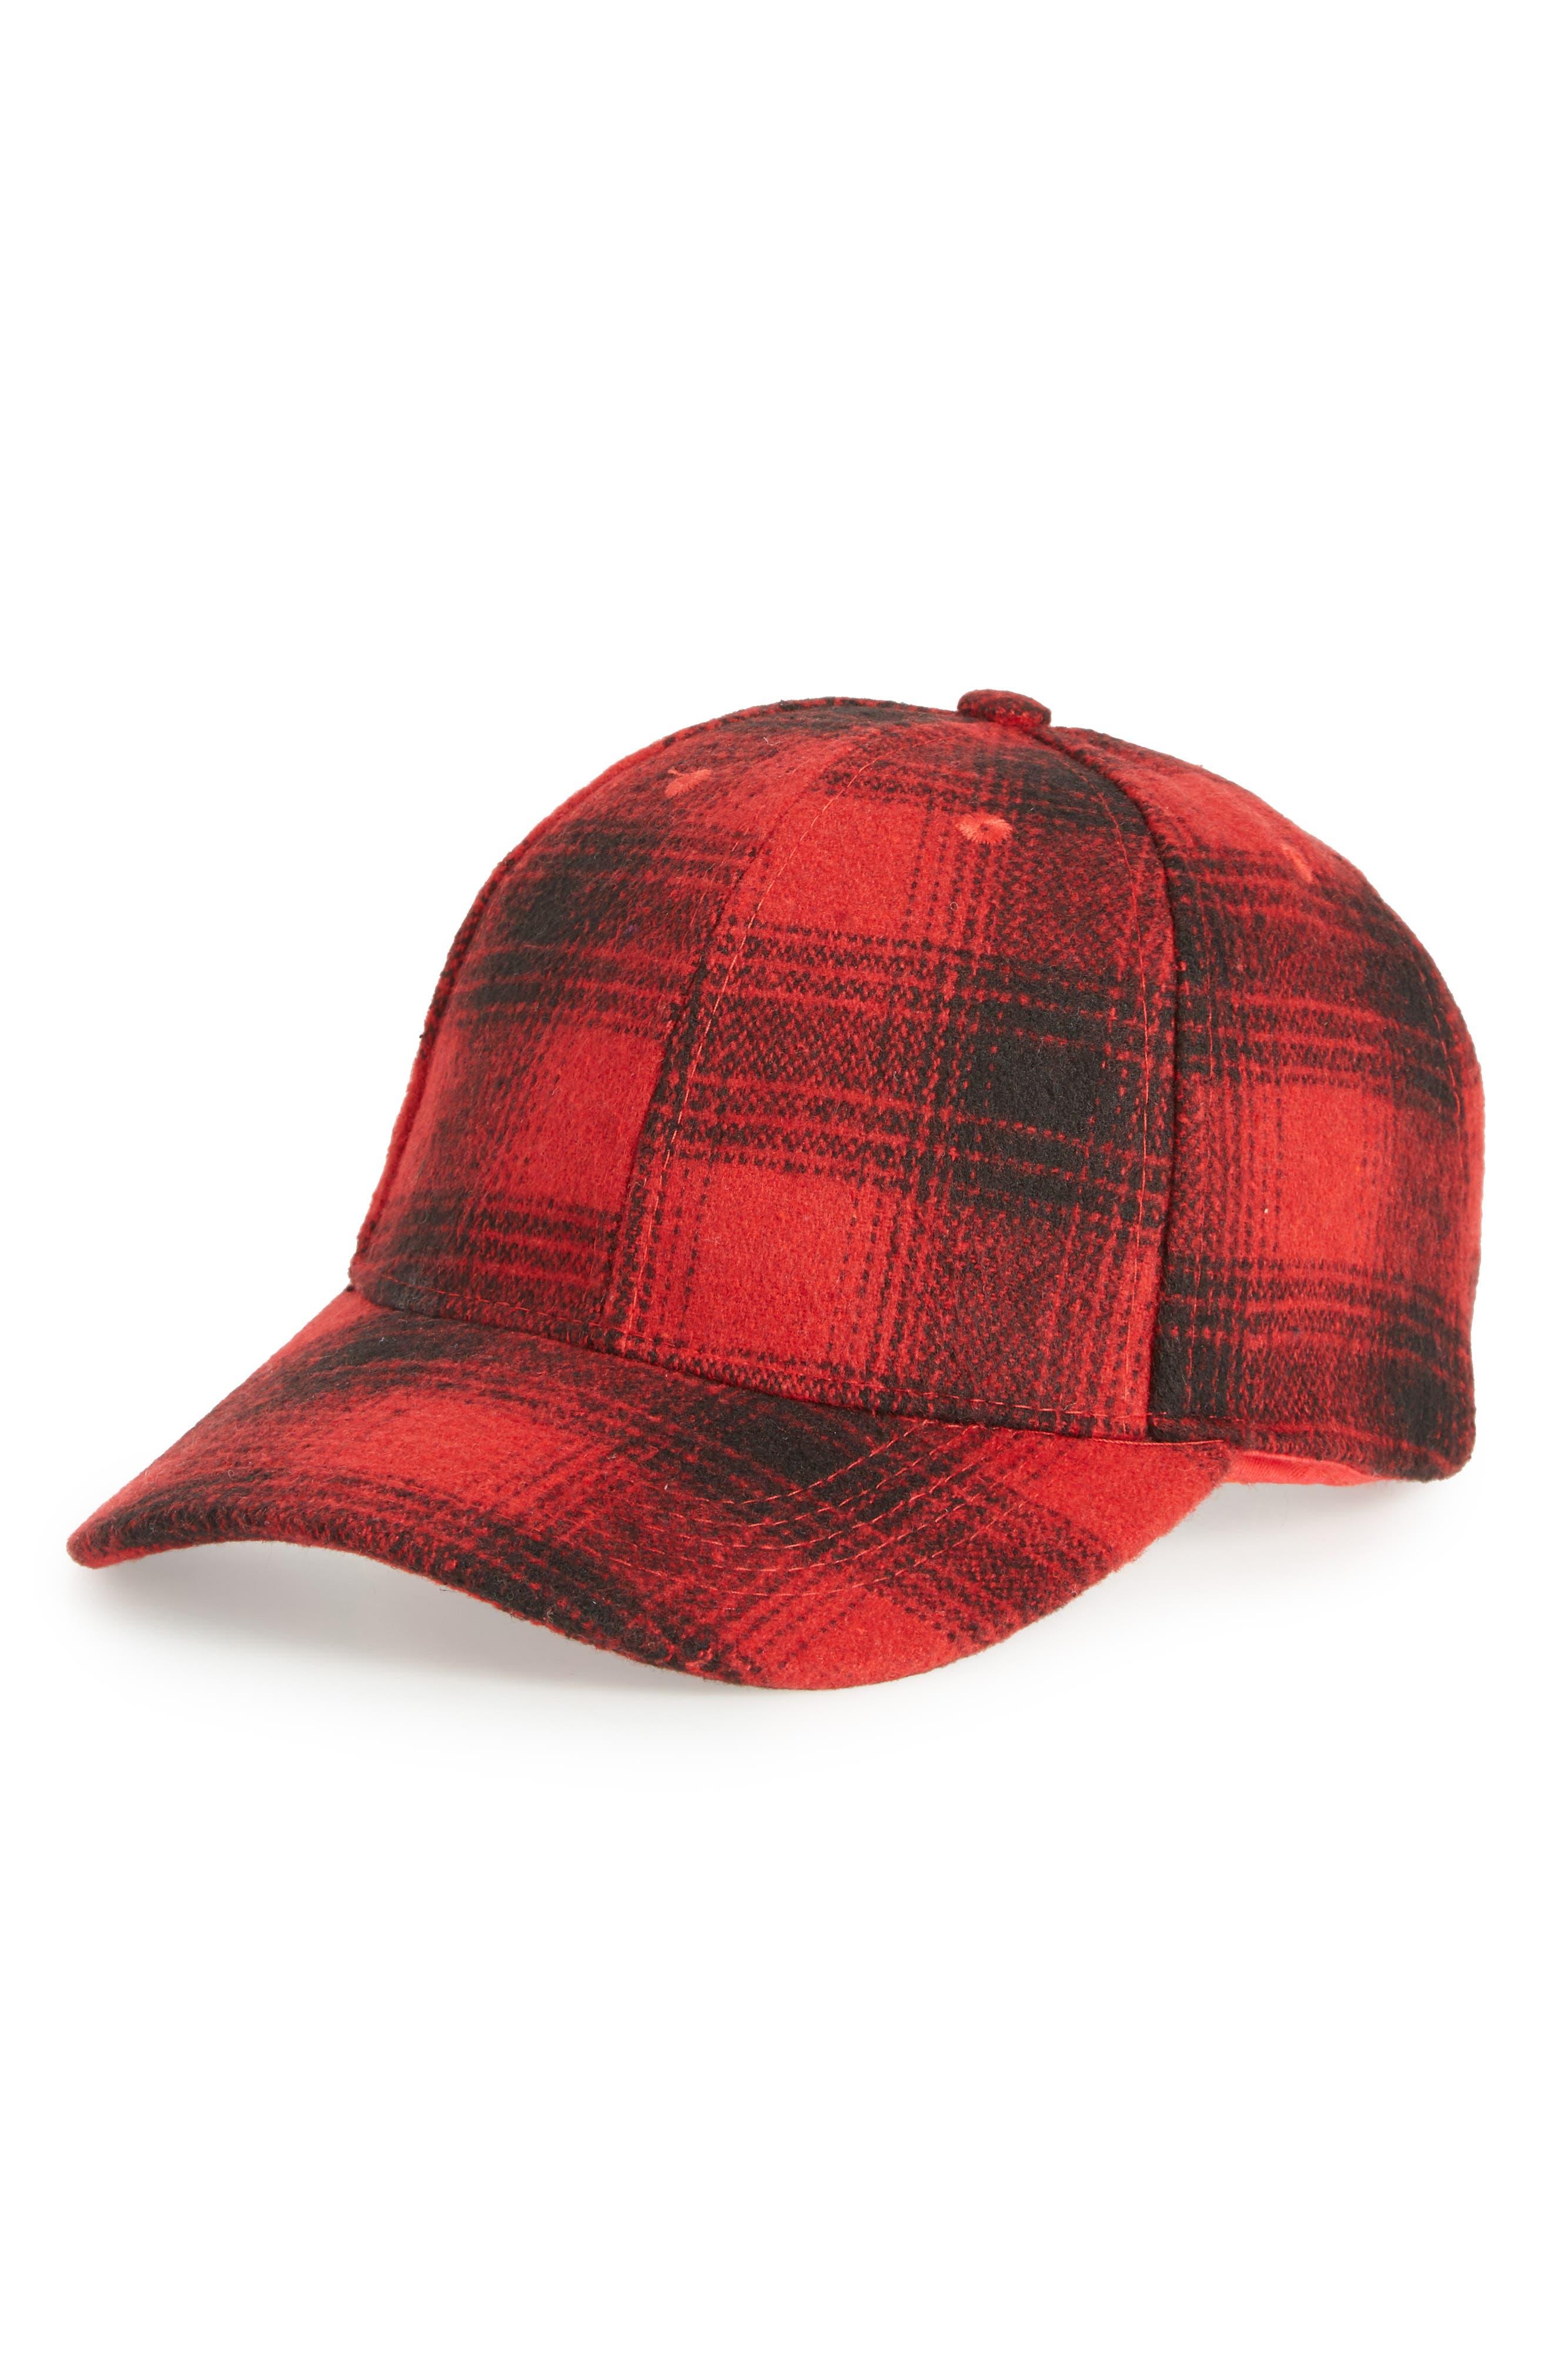 Buffalo Check Baseball Cap,                         Main,                         color, RED CHINOISE